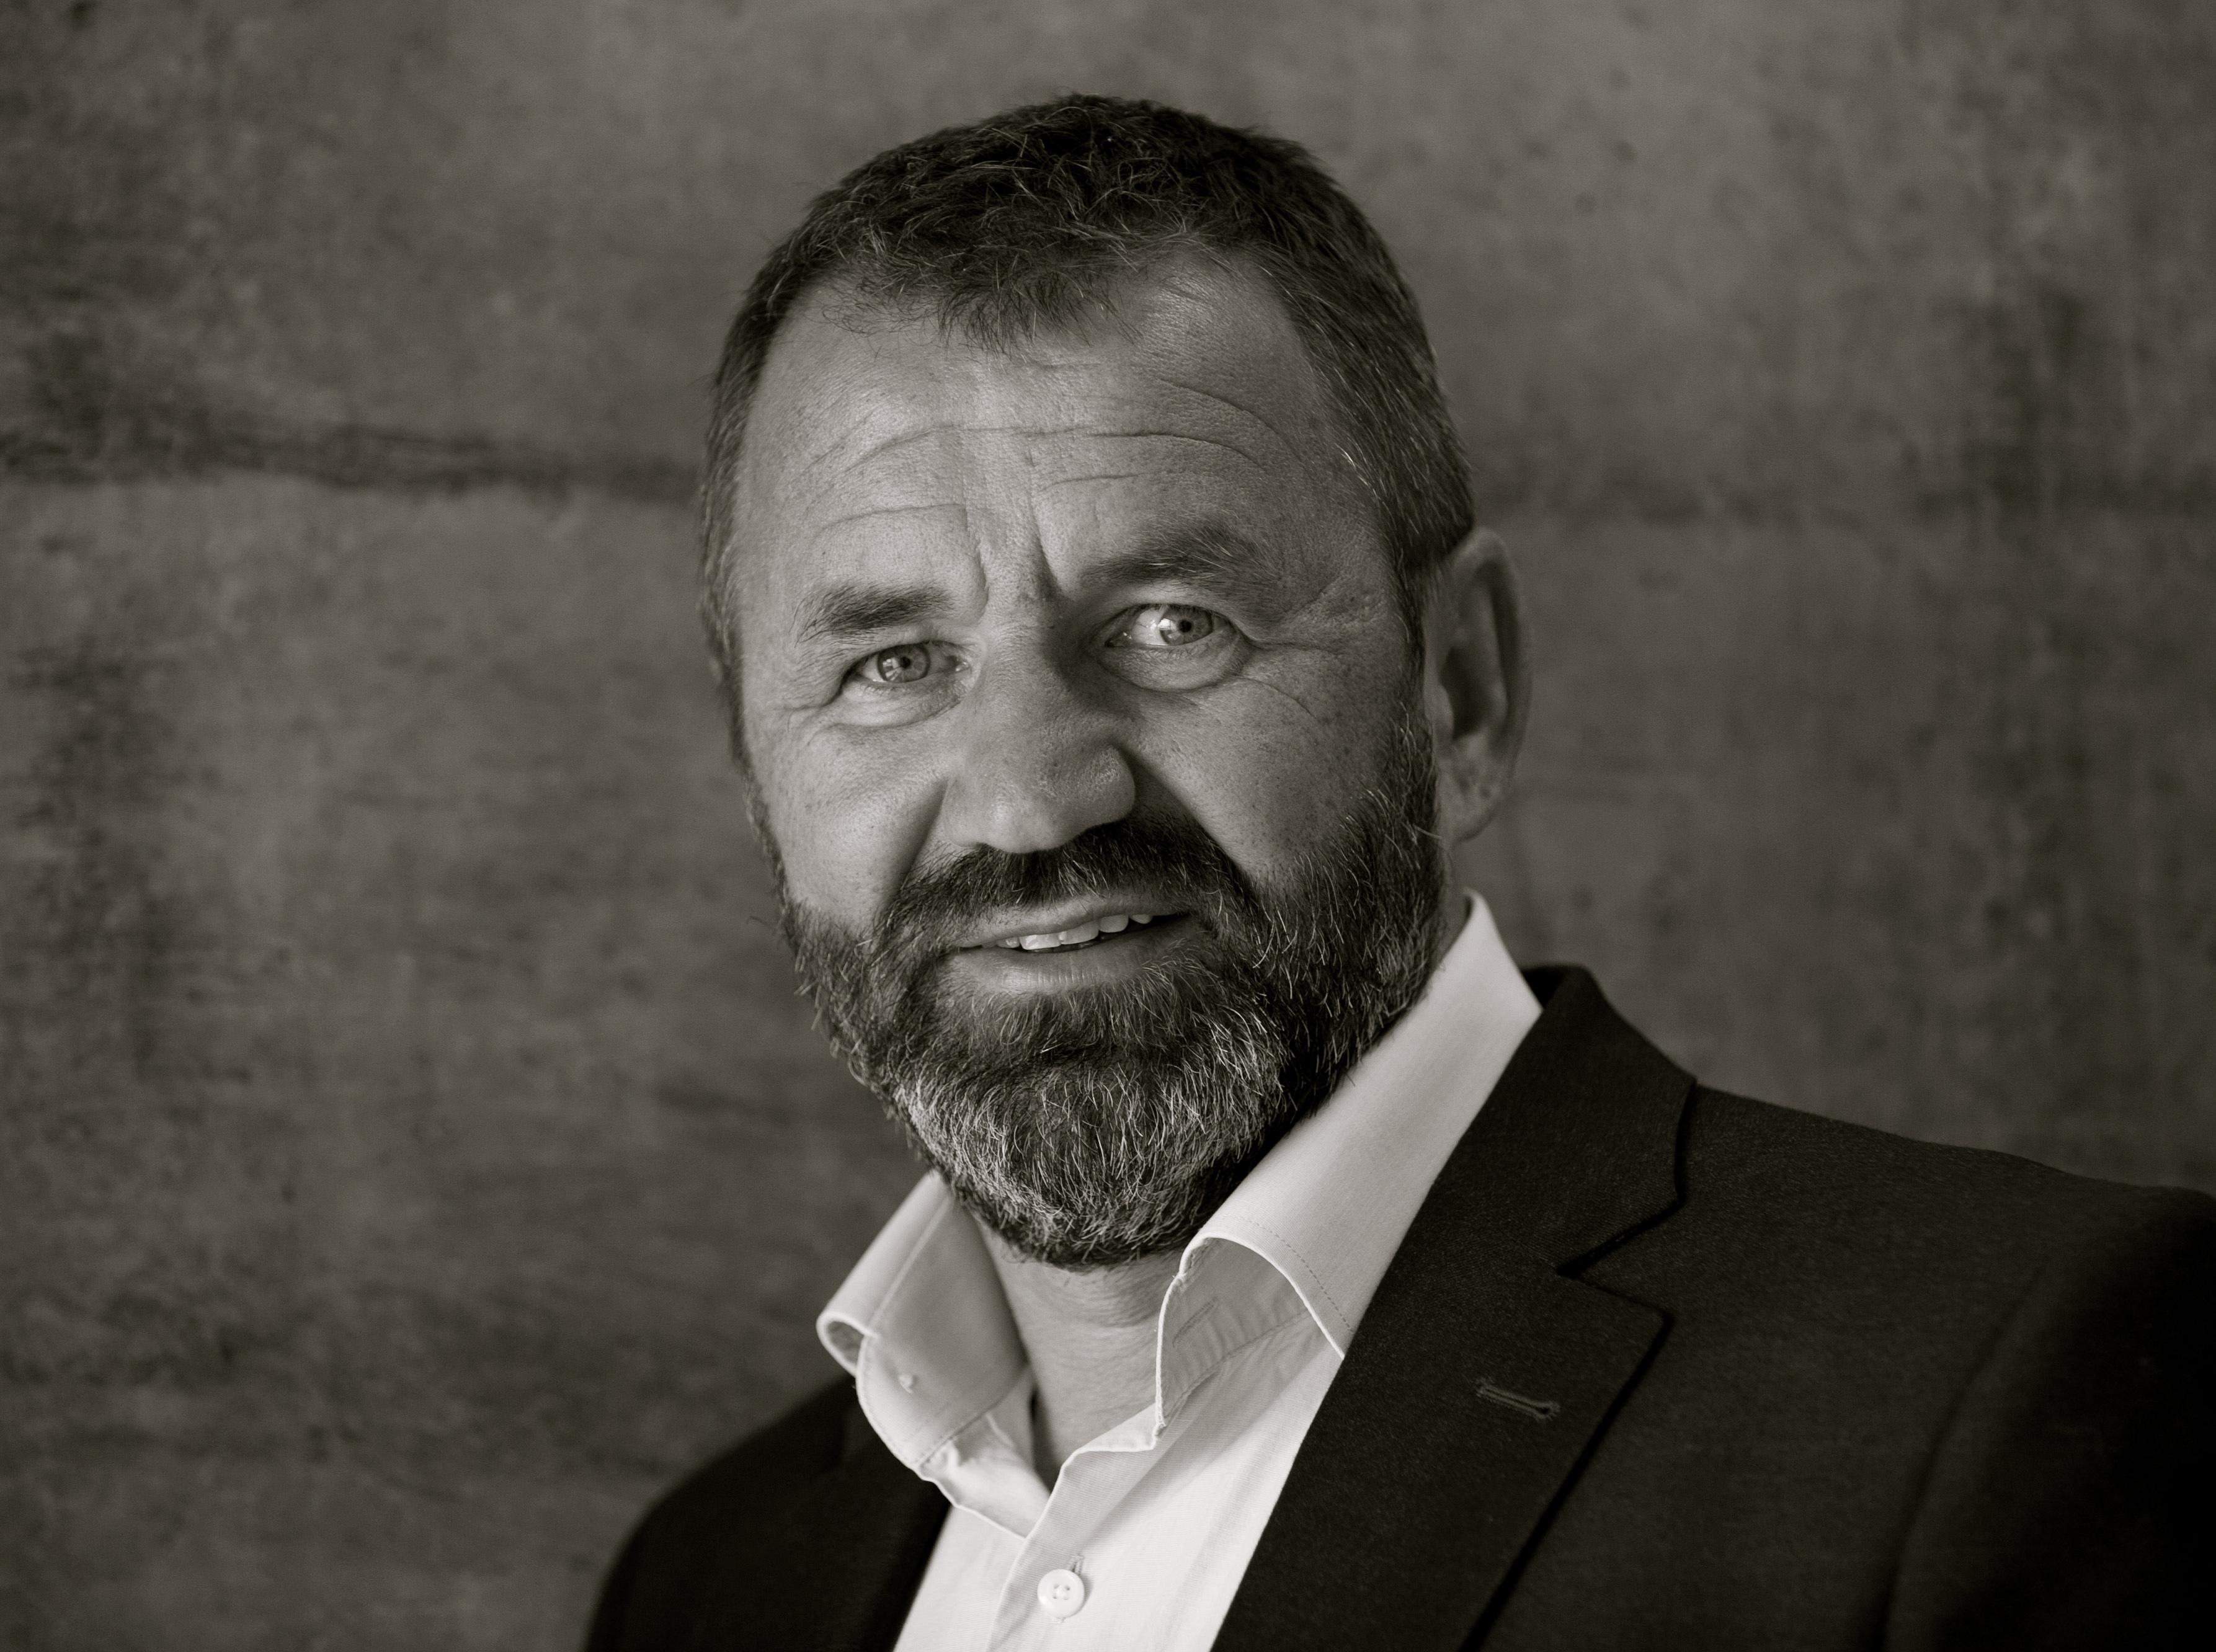 Erik J. Berg